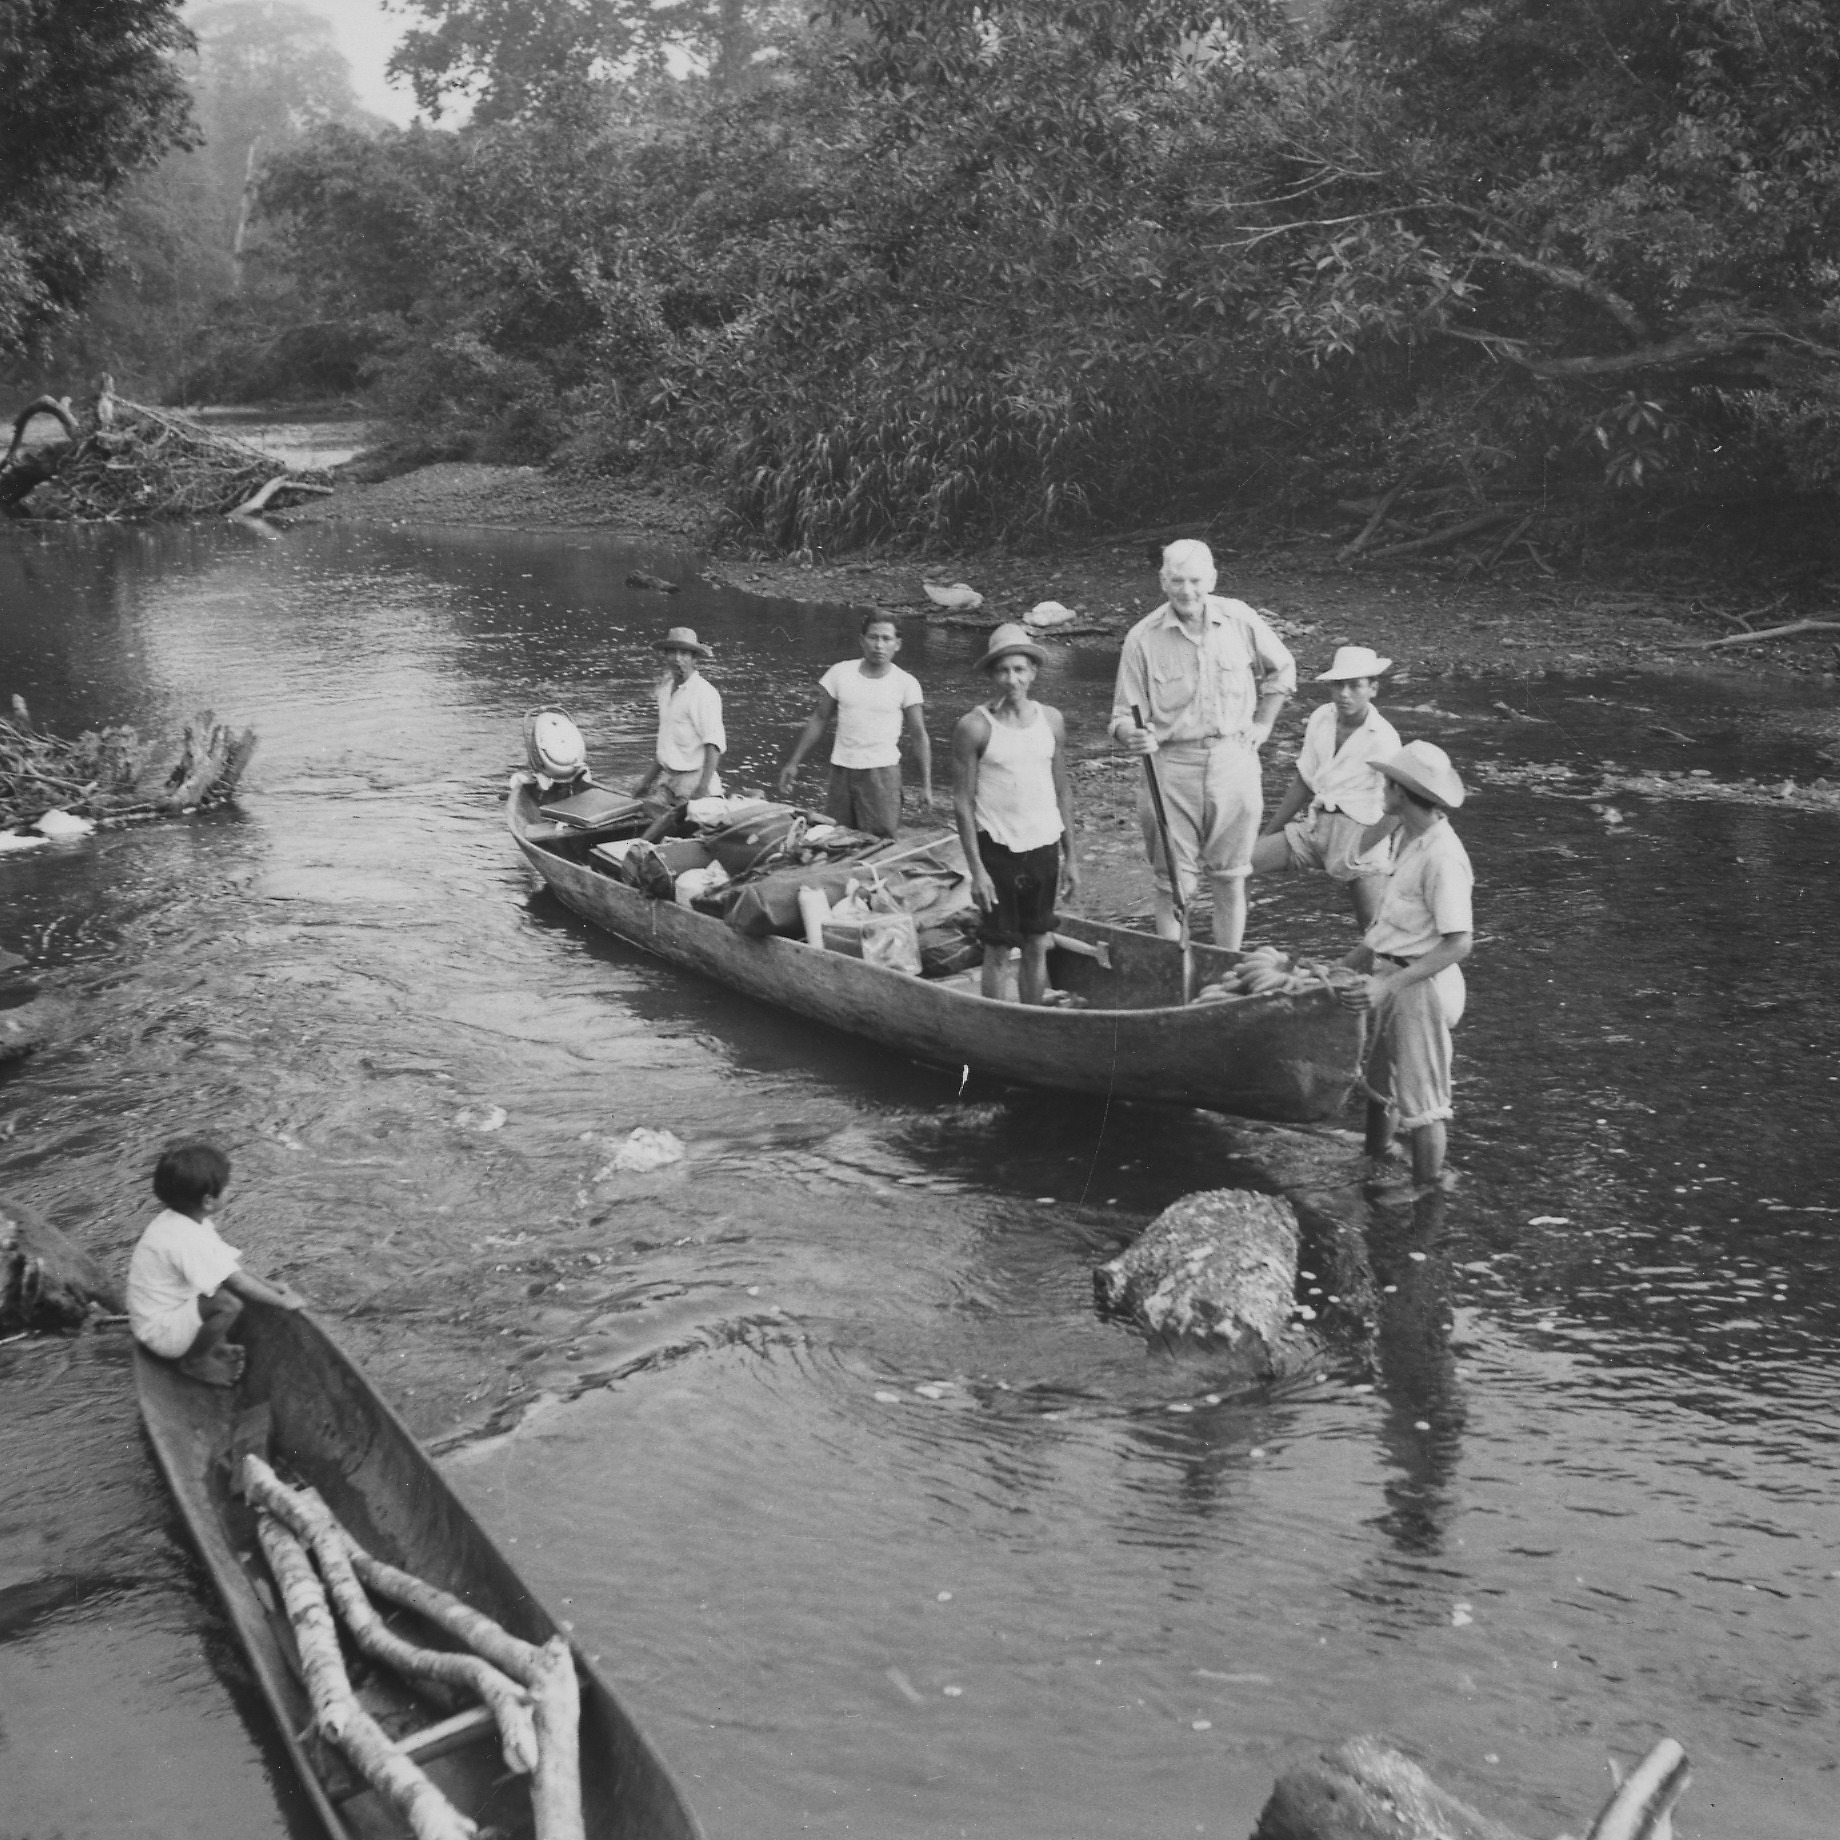 Alexander Wetmore embarks on a trip in El Uracillo, Coclé, Panama, 1952